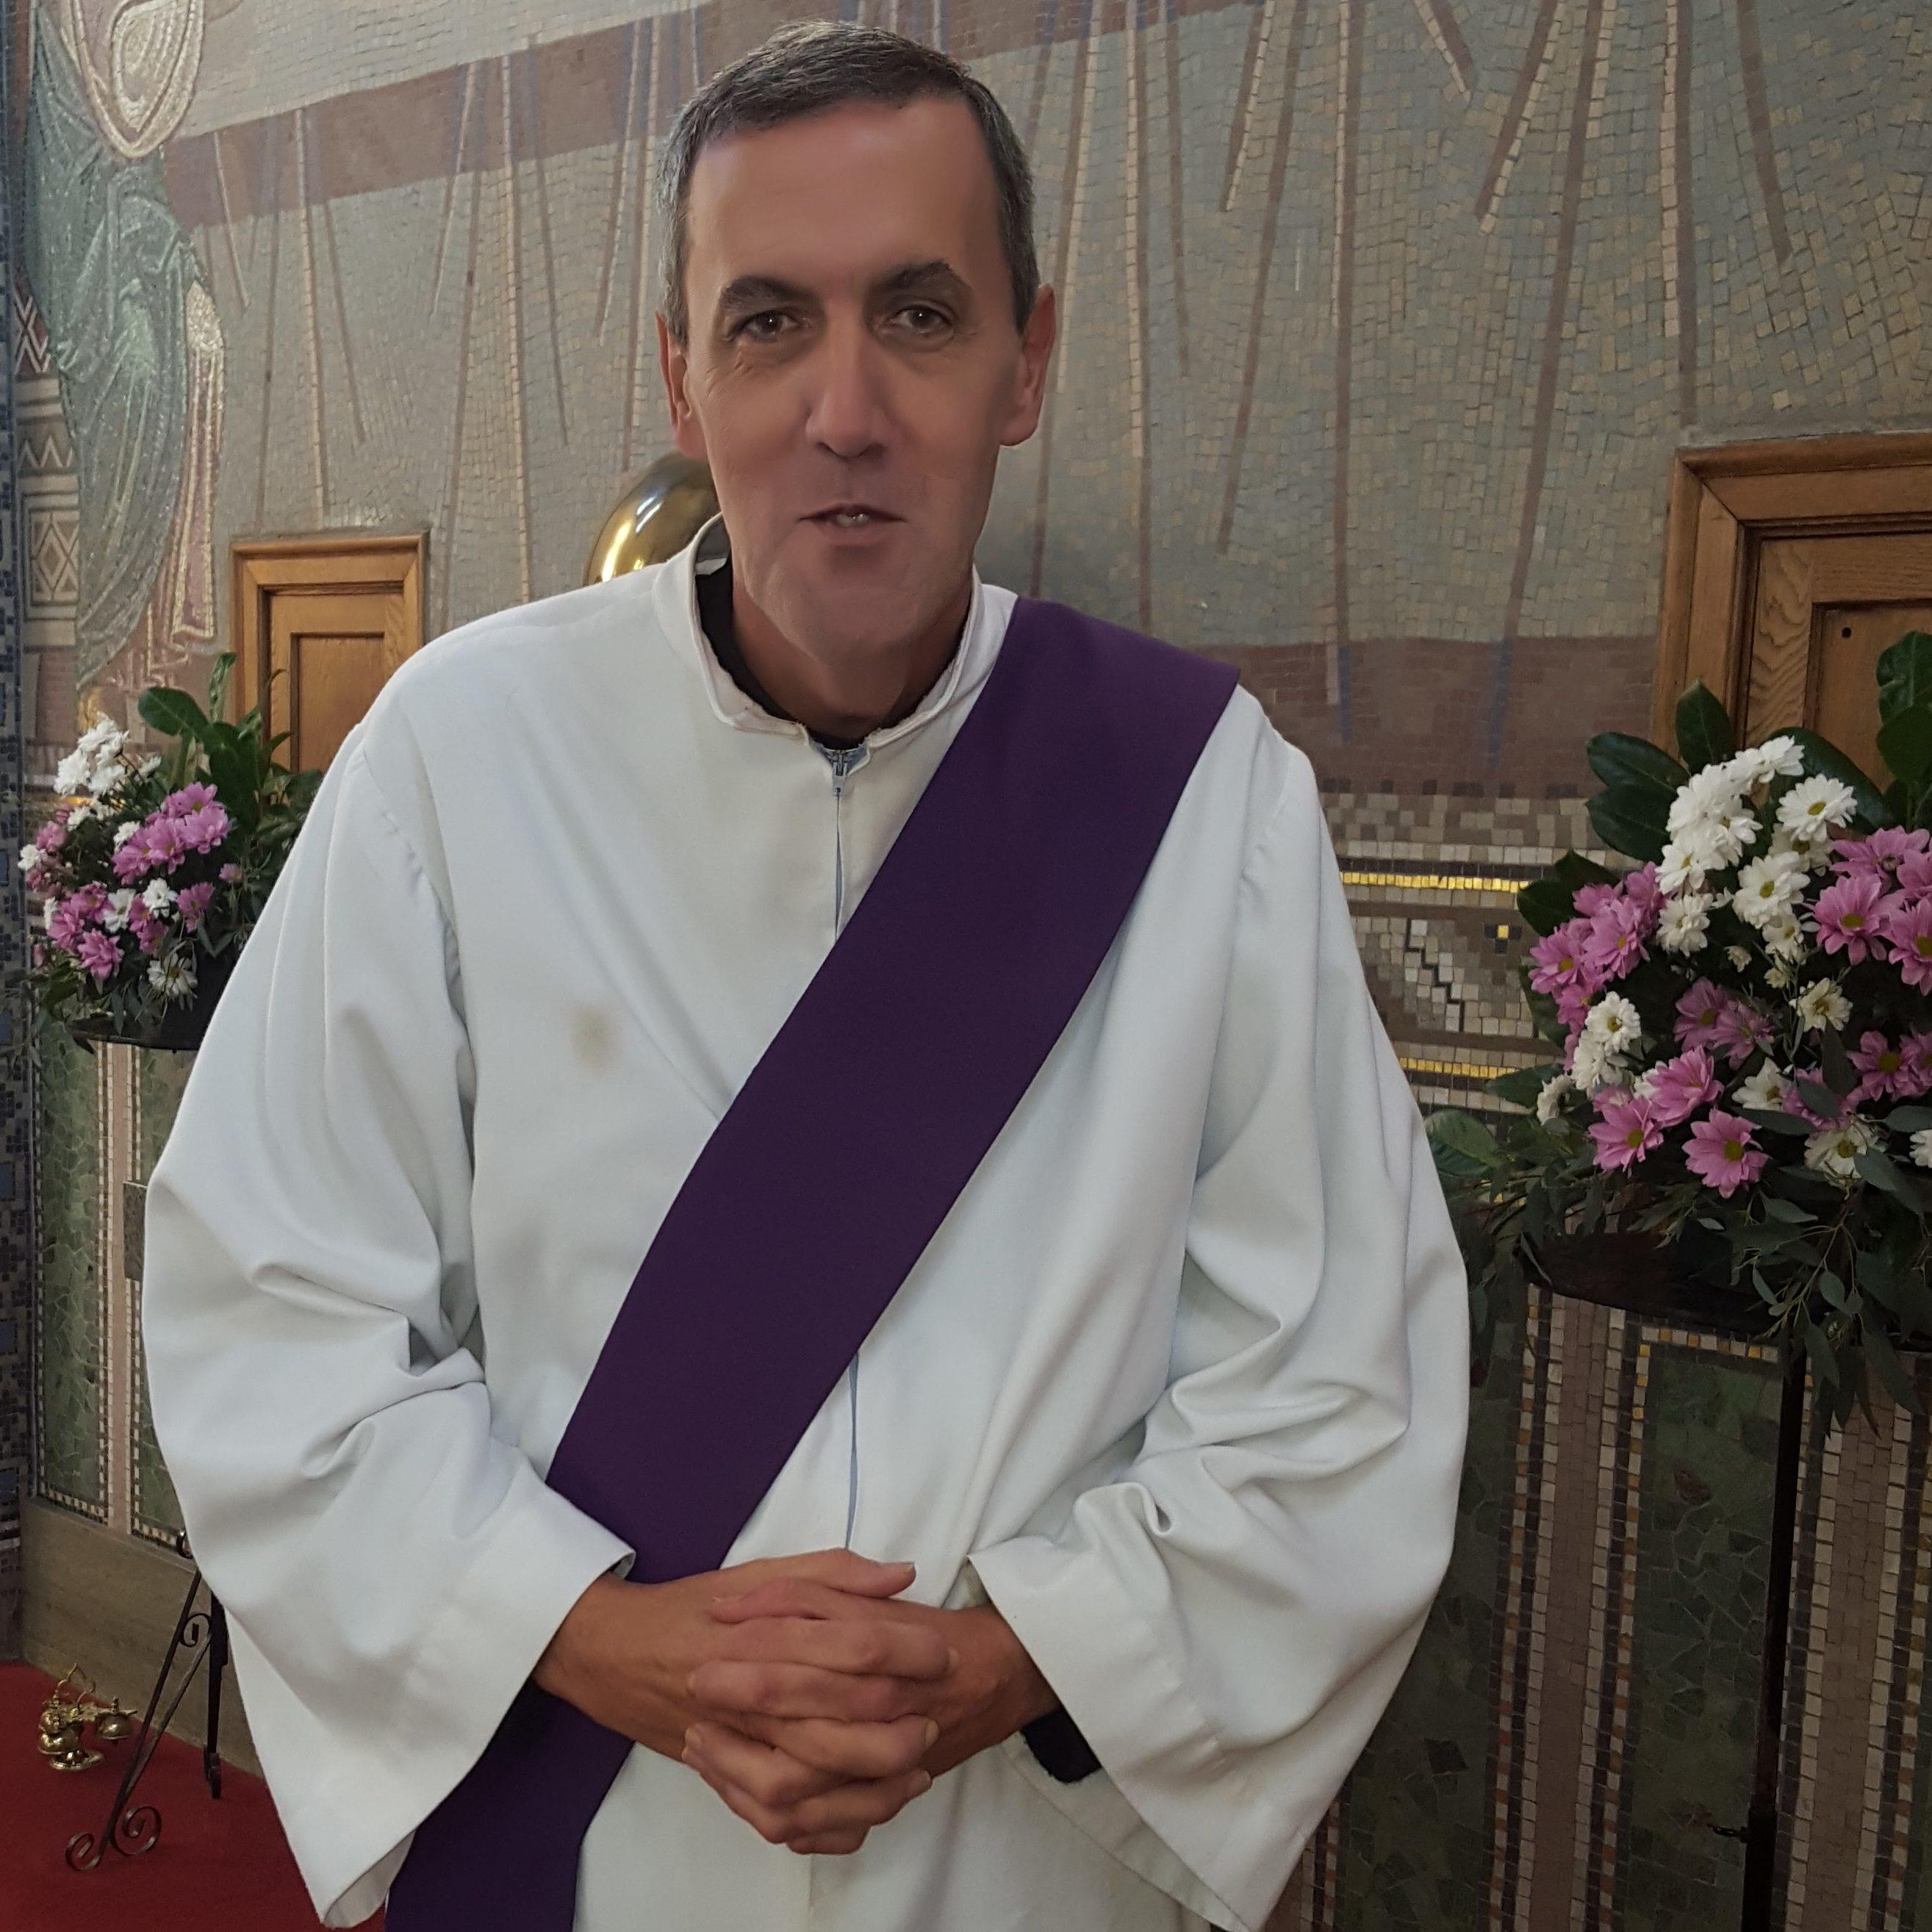 Rev. Martyn Swaby